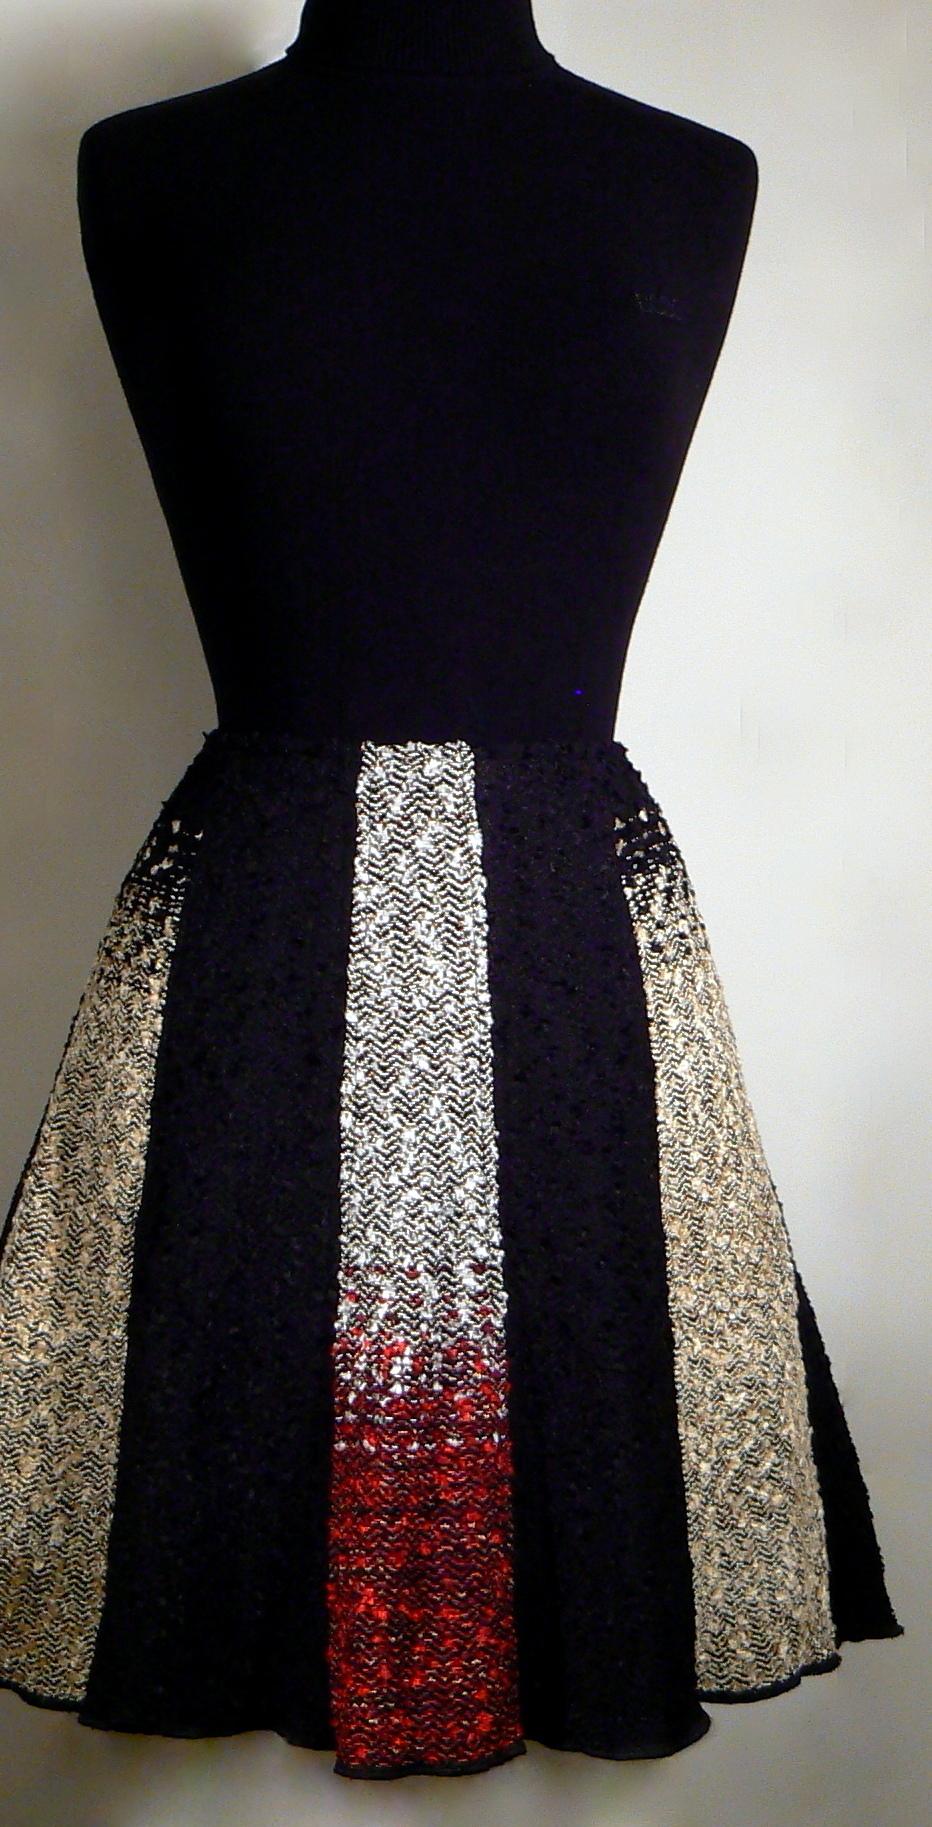 Handwoven Skirt, Kathleen Weir-West 4.JPG